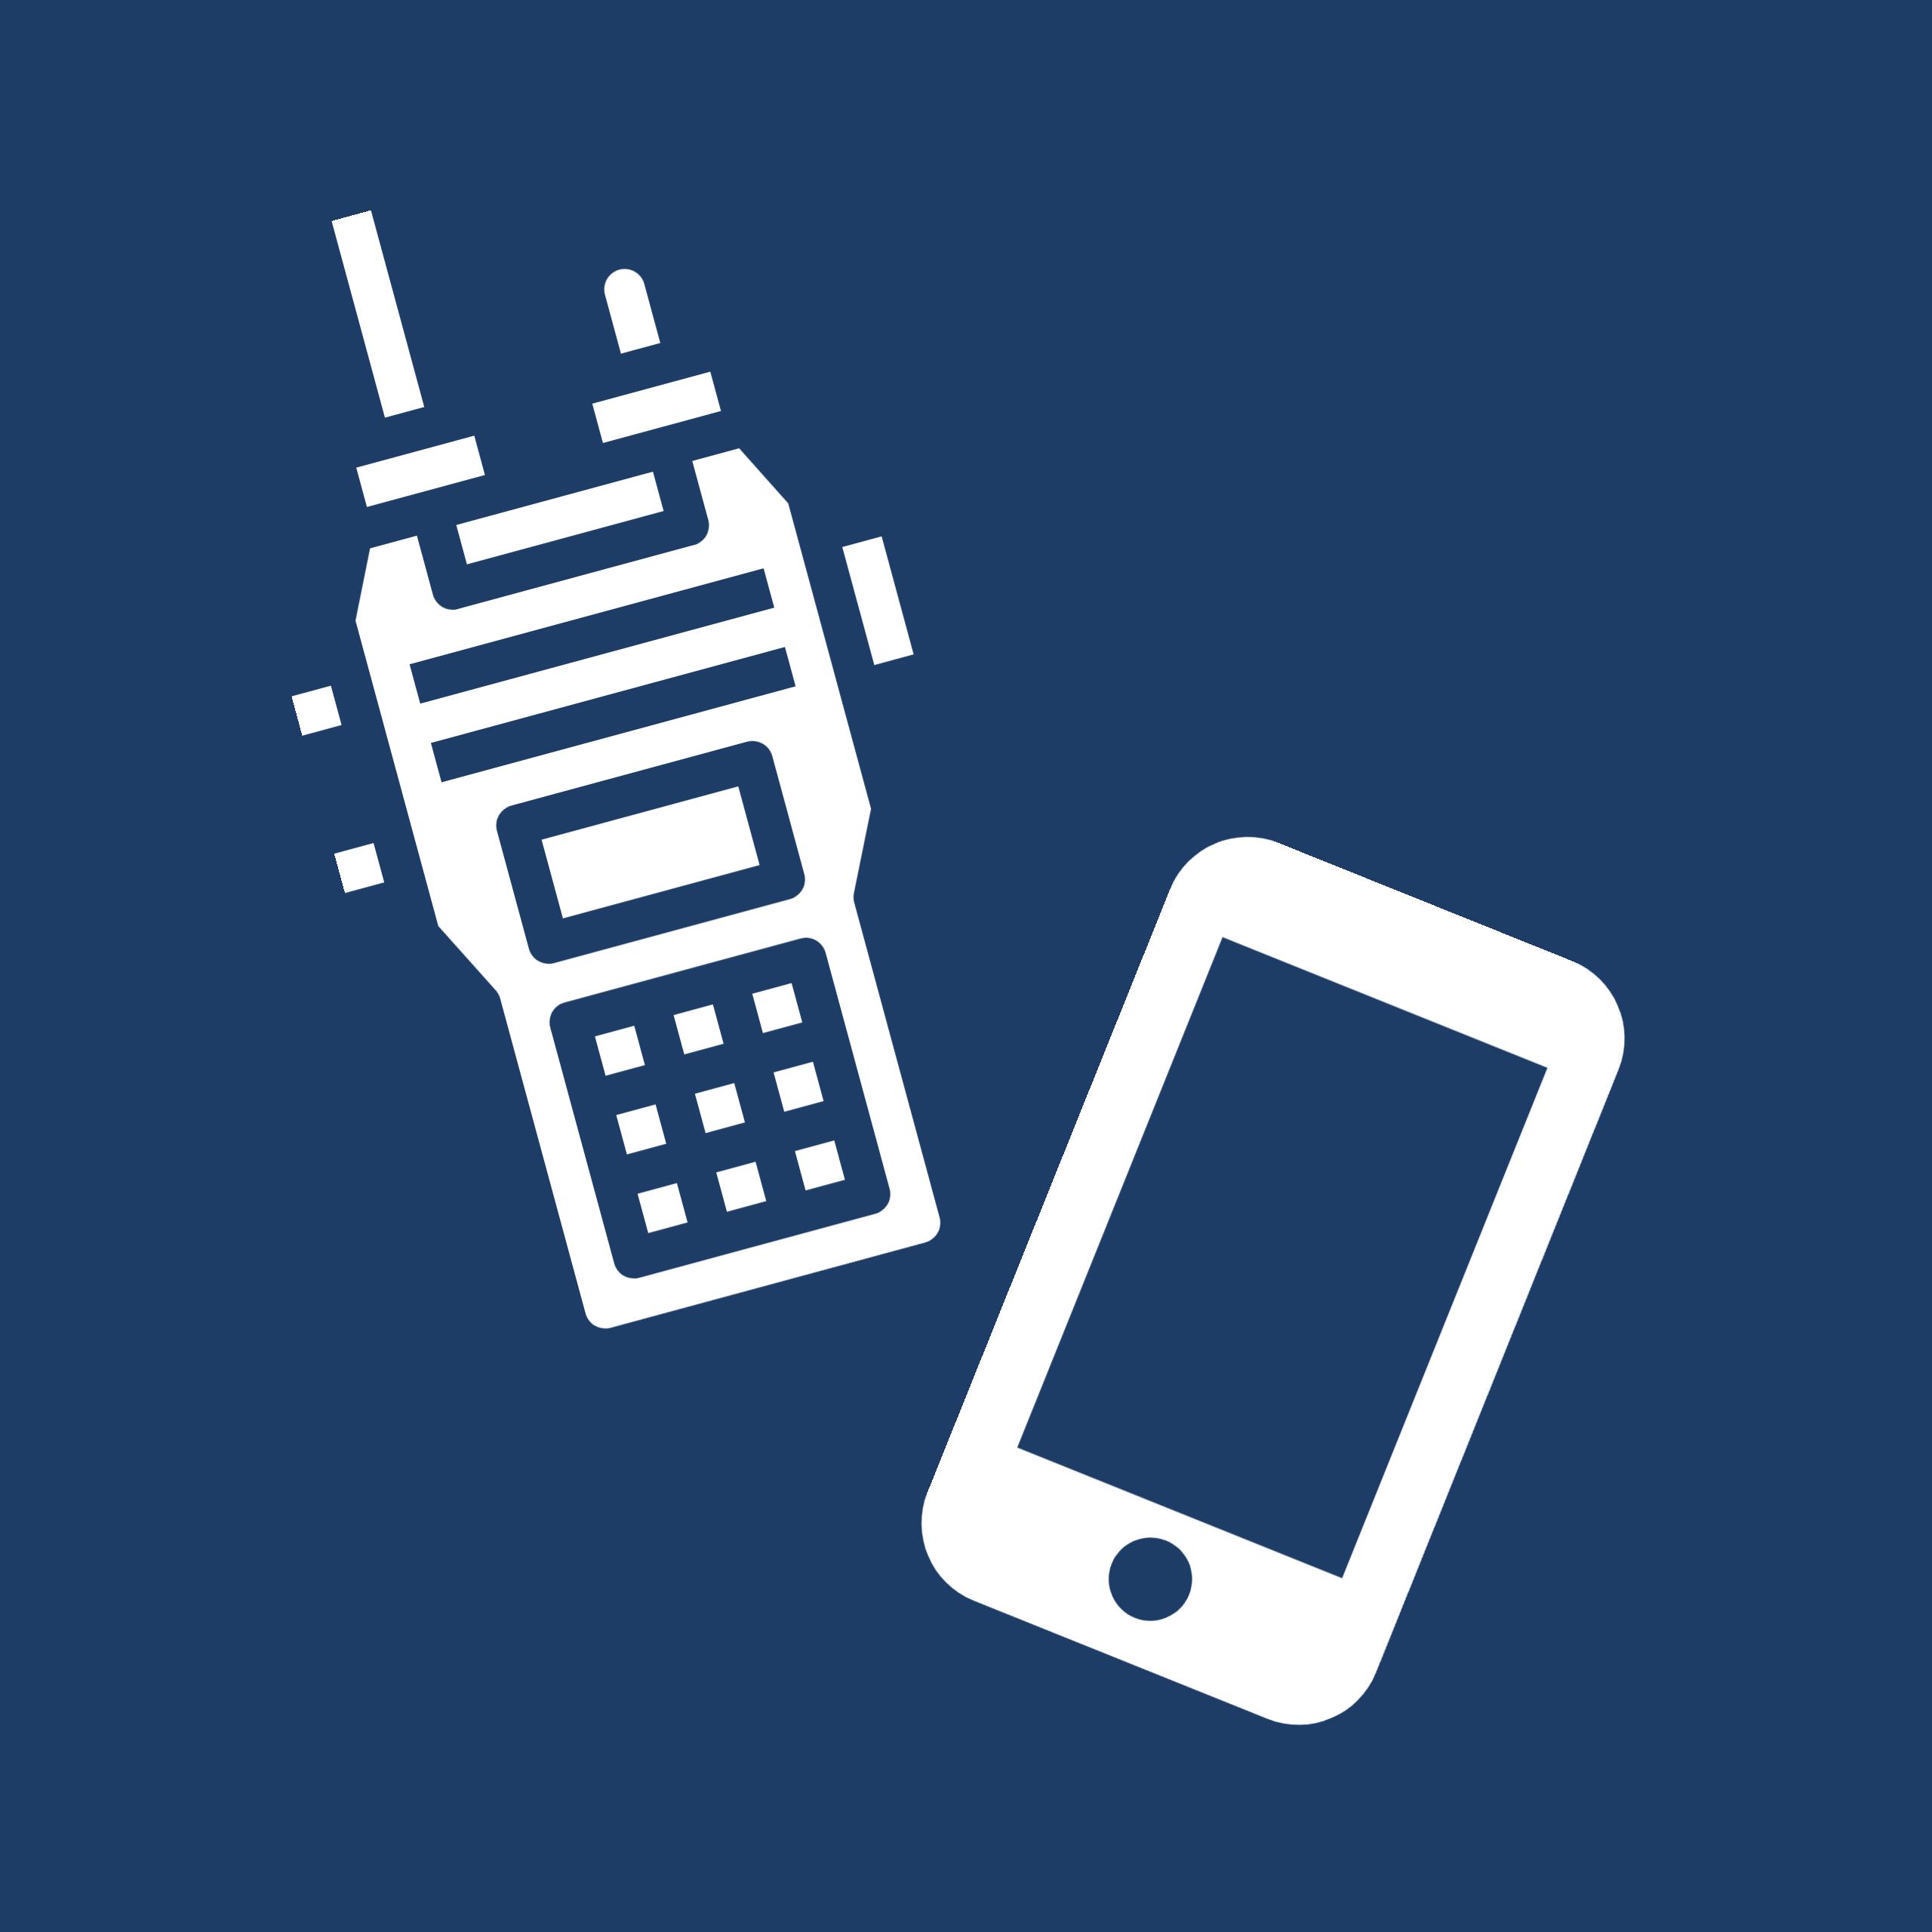 radio and phone 1 1